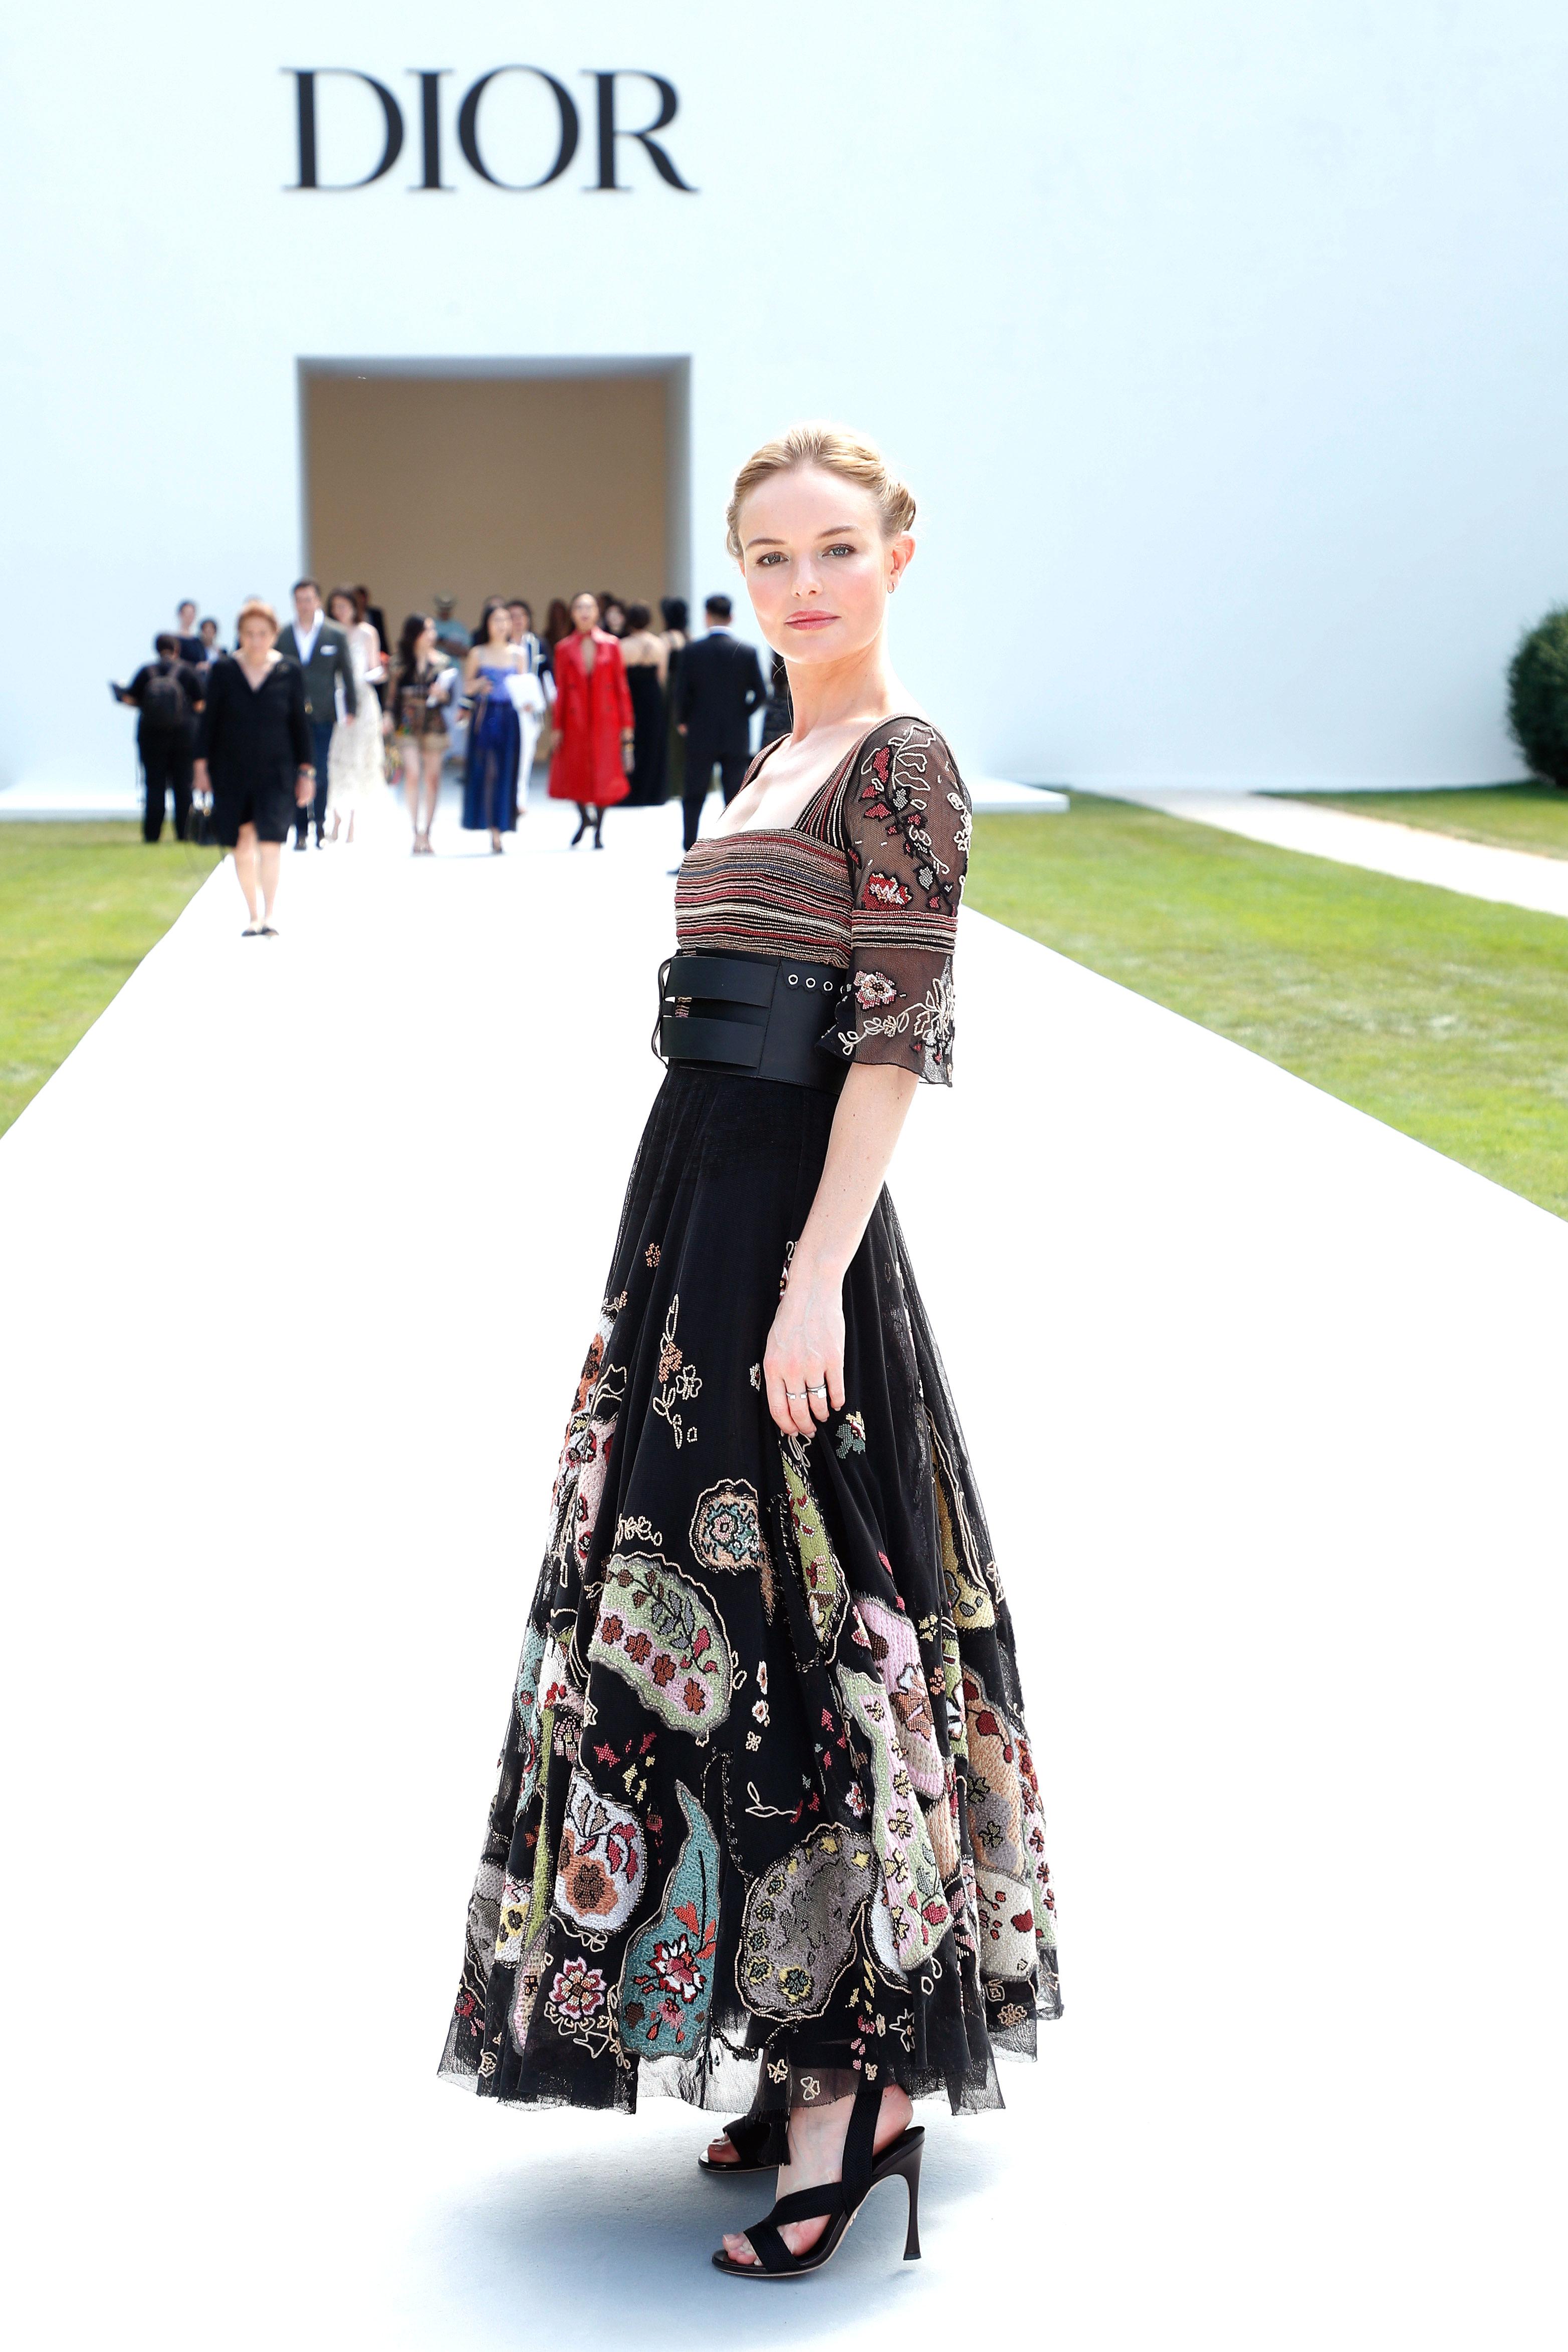 Resultado de imagem para dior haute couture winter 2019 kate bosworth